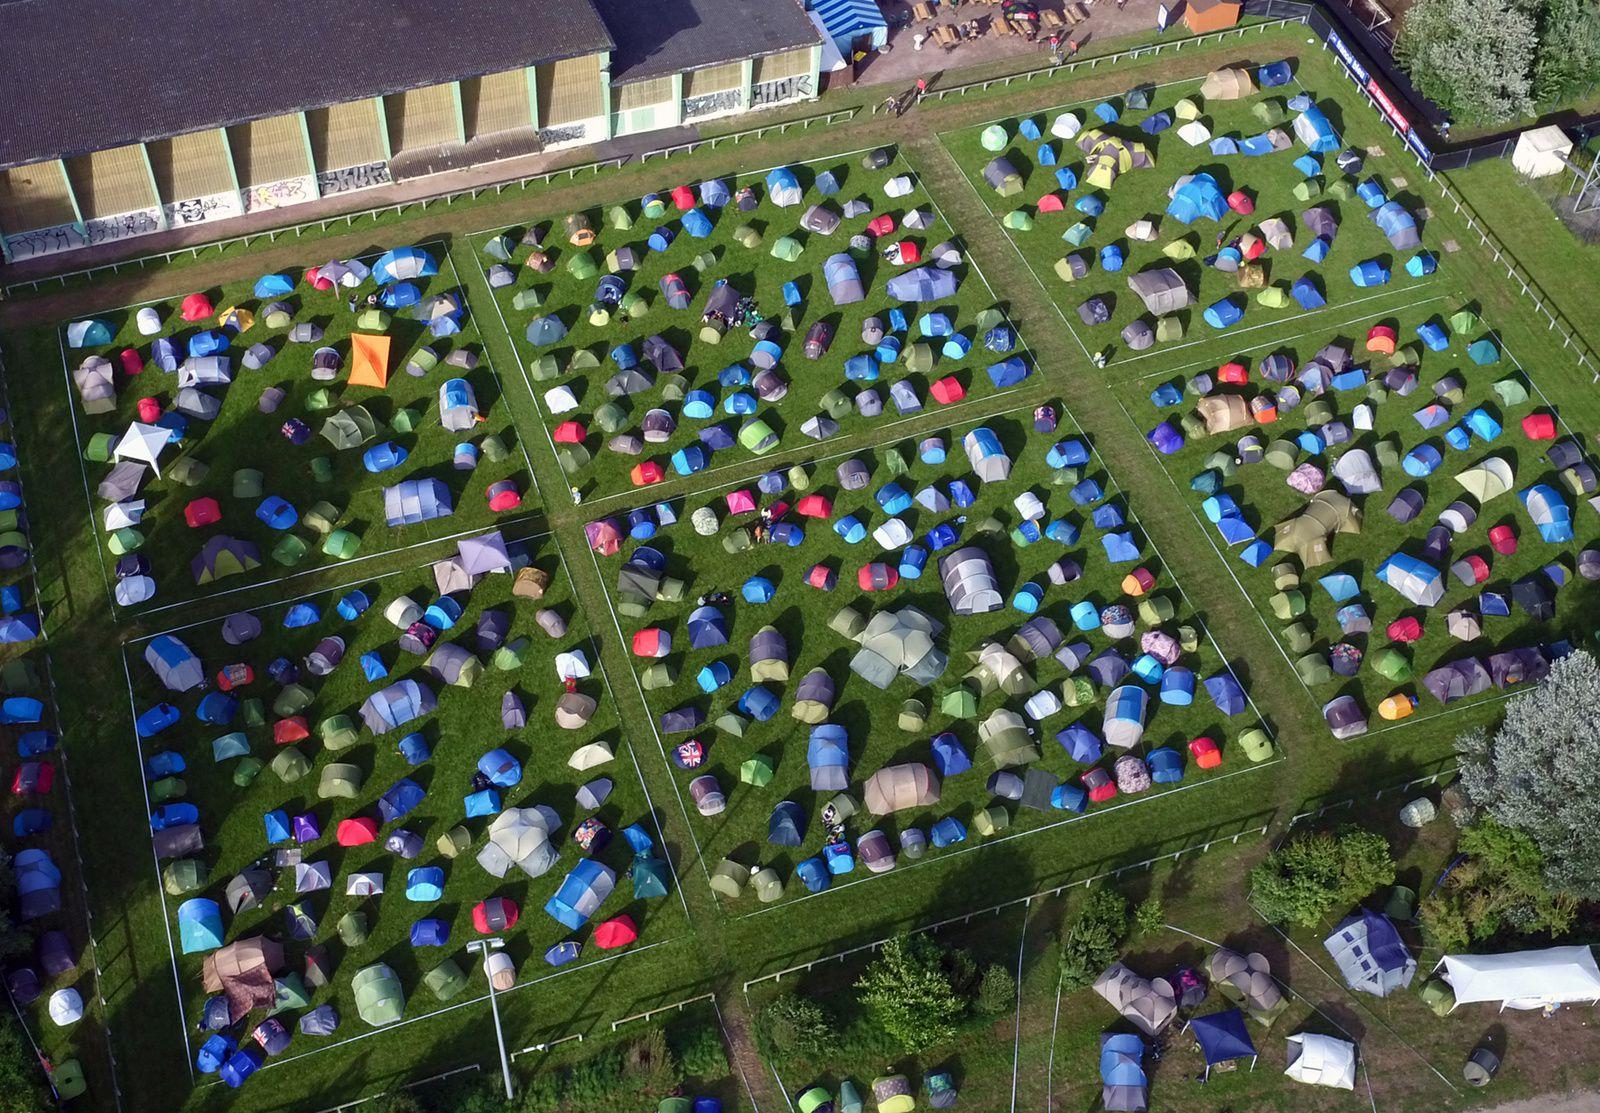 Toute la lumière vue du ciel sur l'édition 2016 du Festival de Beauregard. Photos aériennes François Monier, juillet 2016